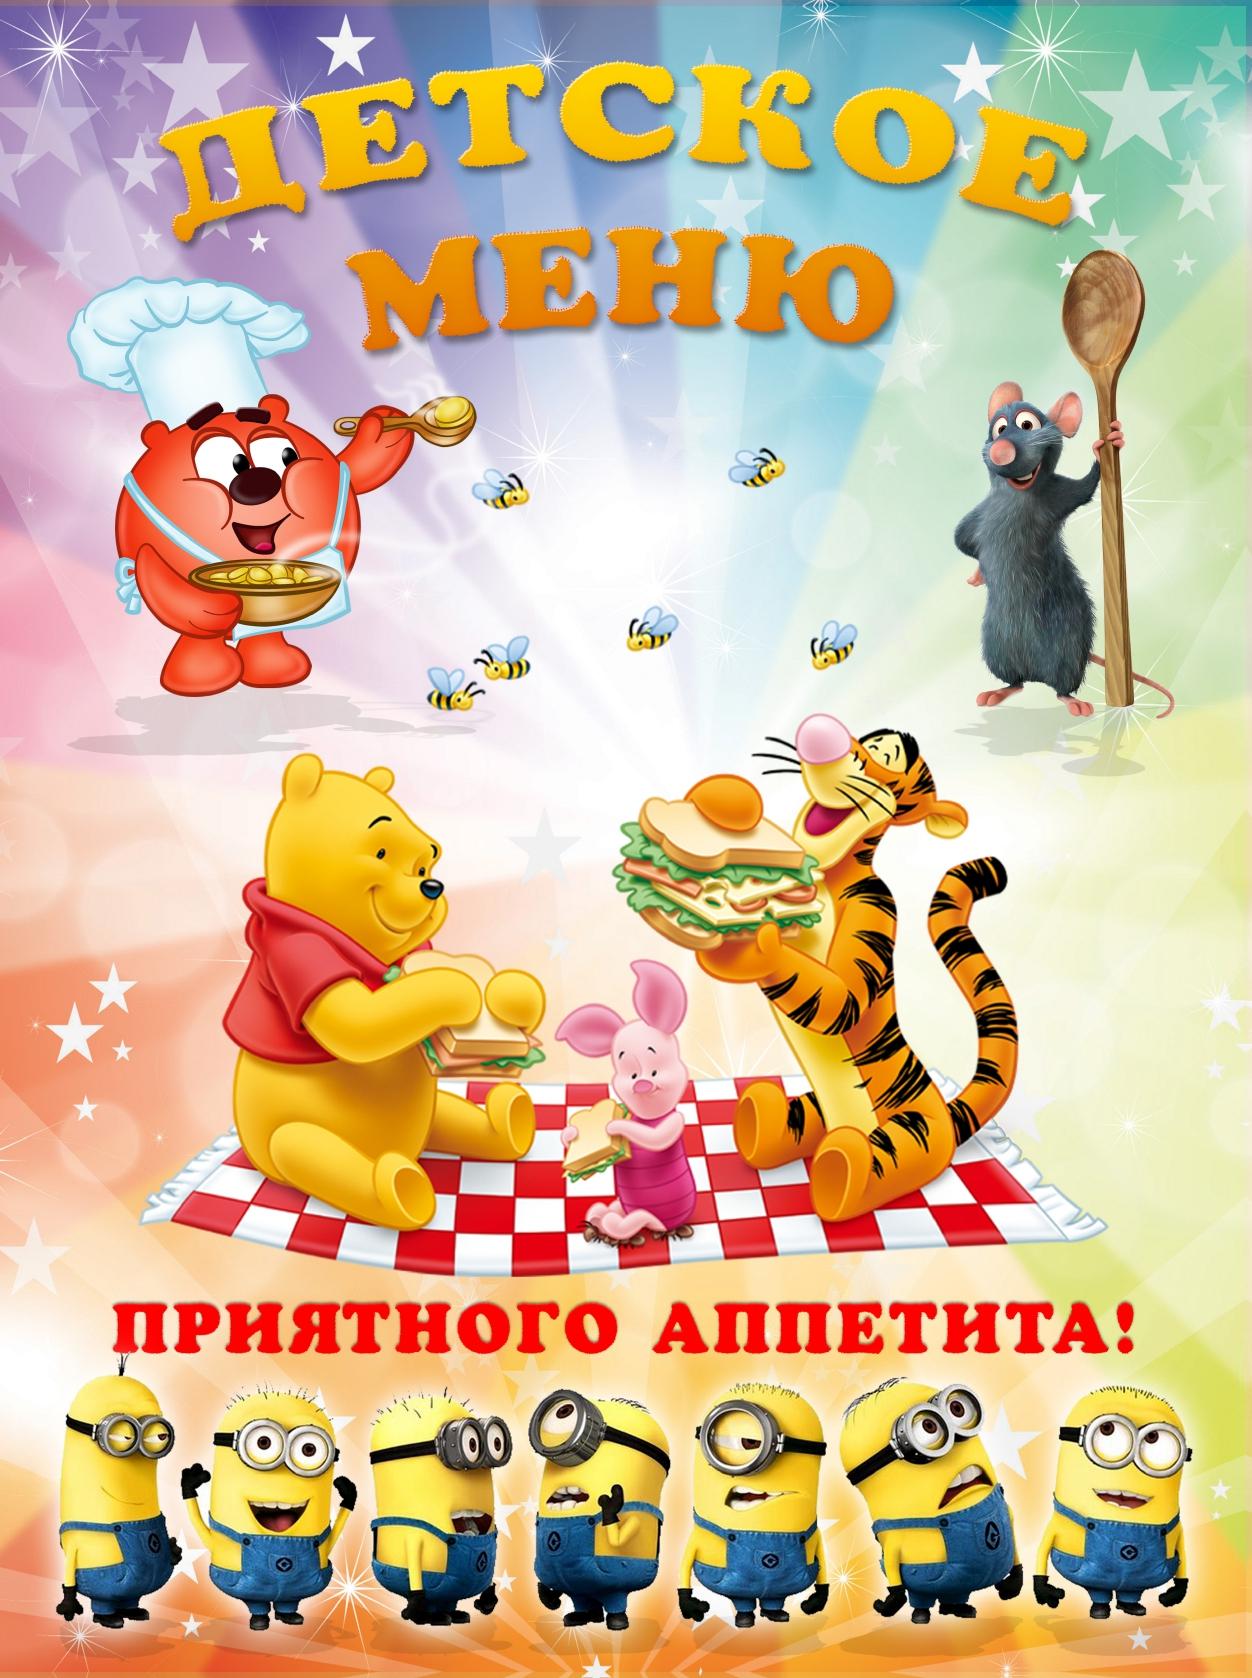 детское меню фото